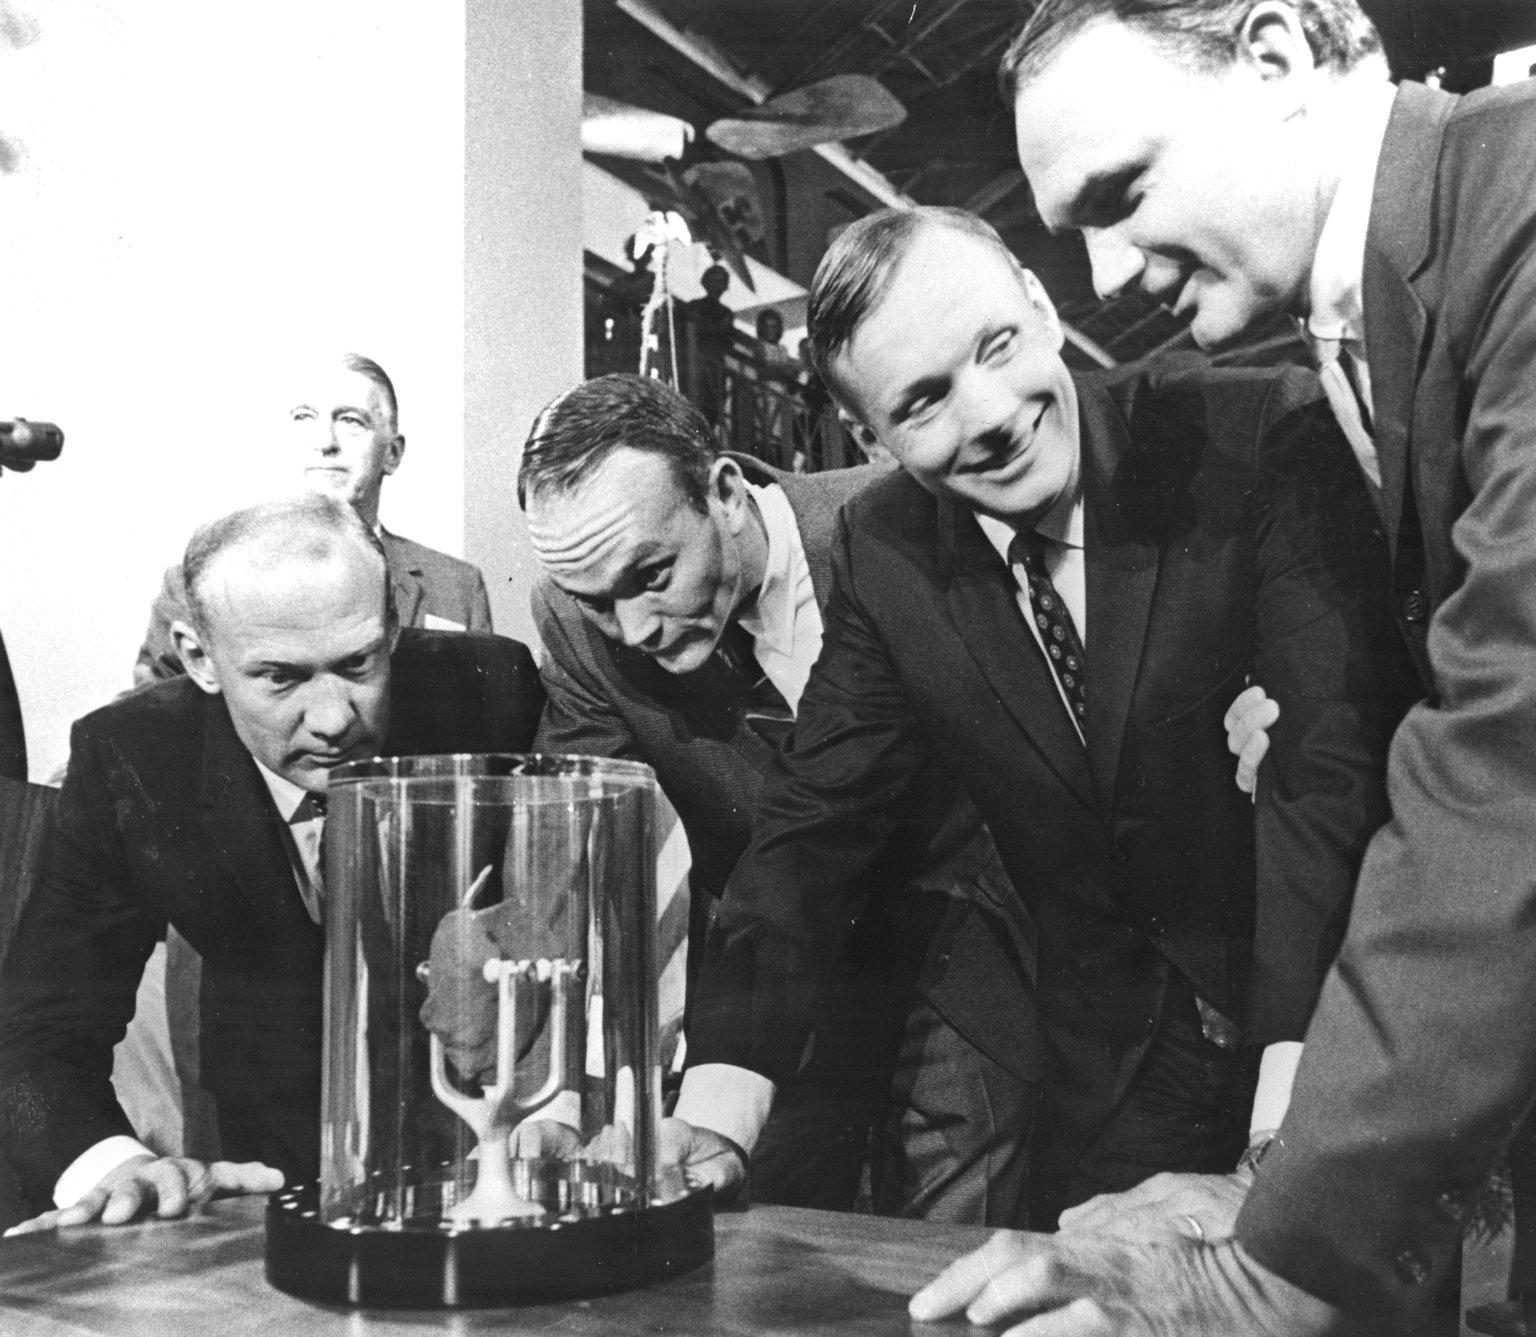 La tripulación del Apolo 11 entrega al Instituto Smithsoniano una de las piedras lunares